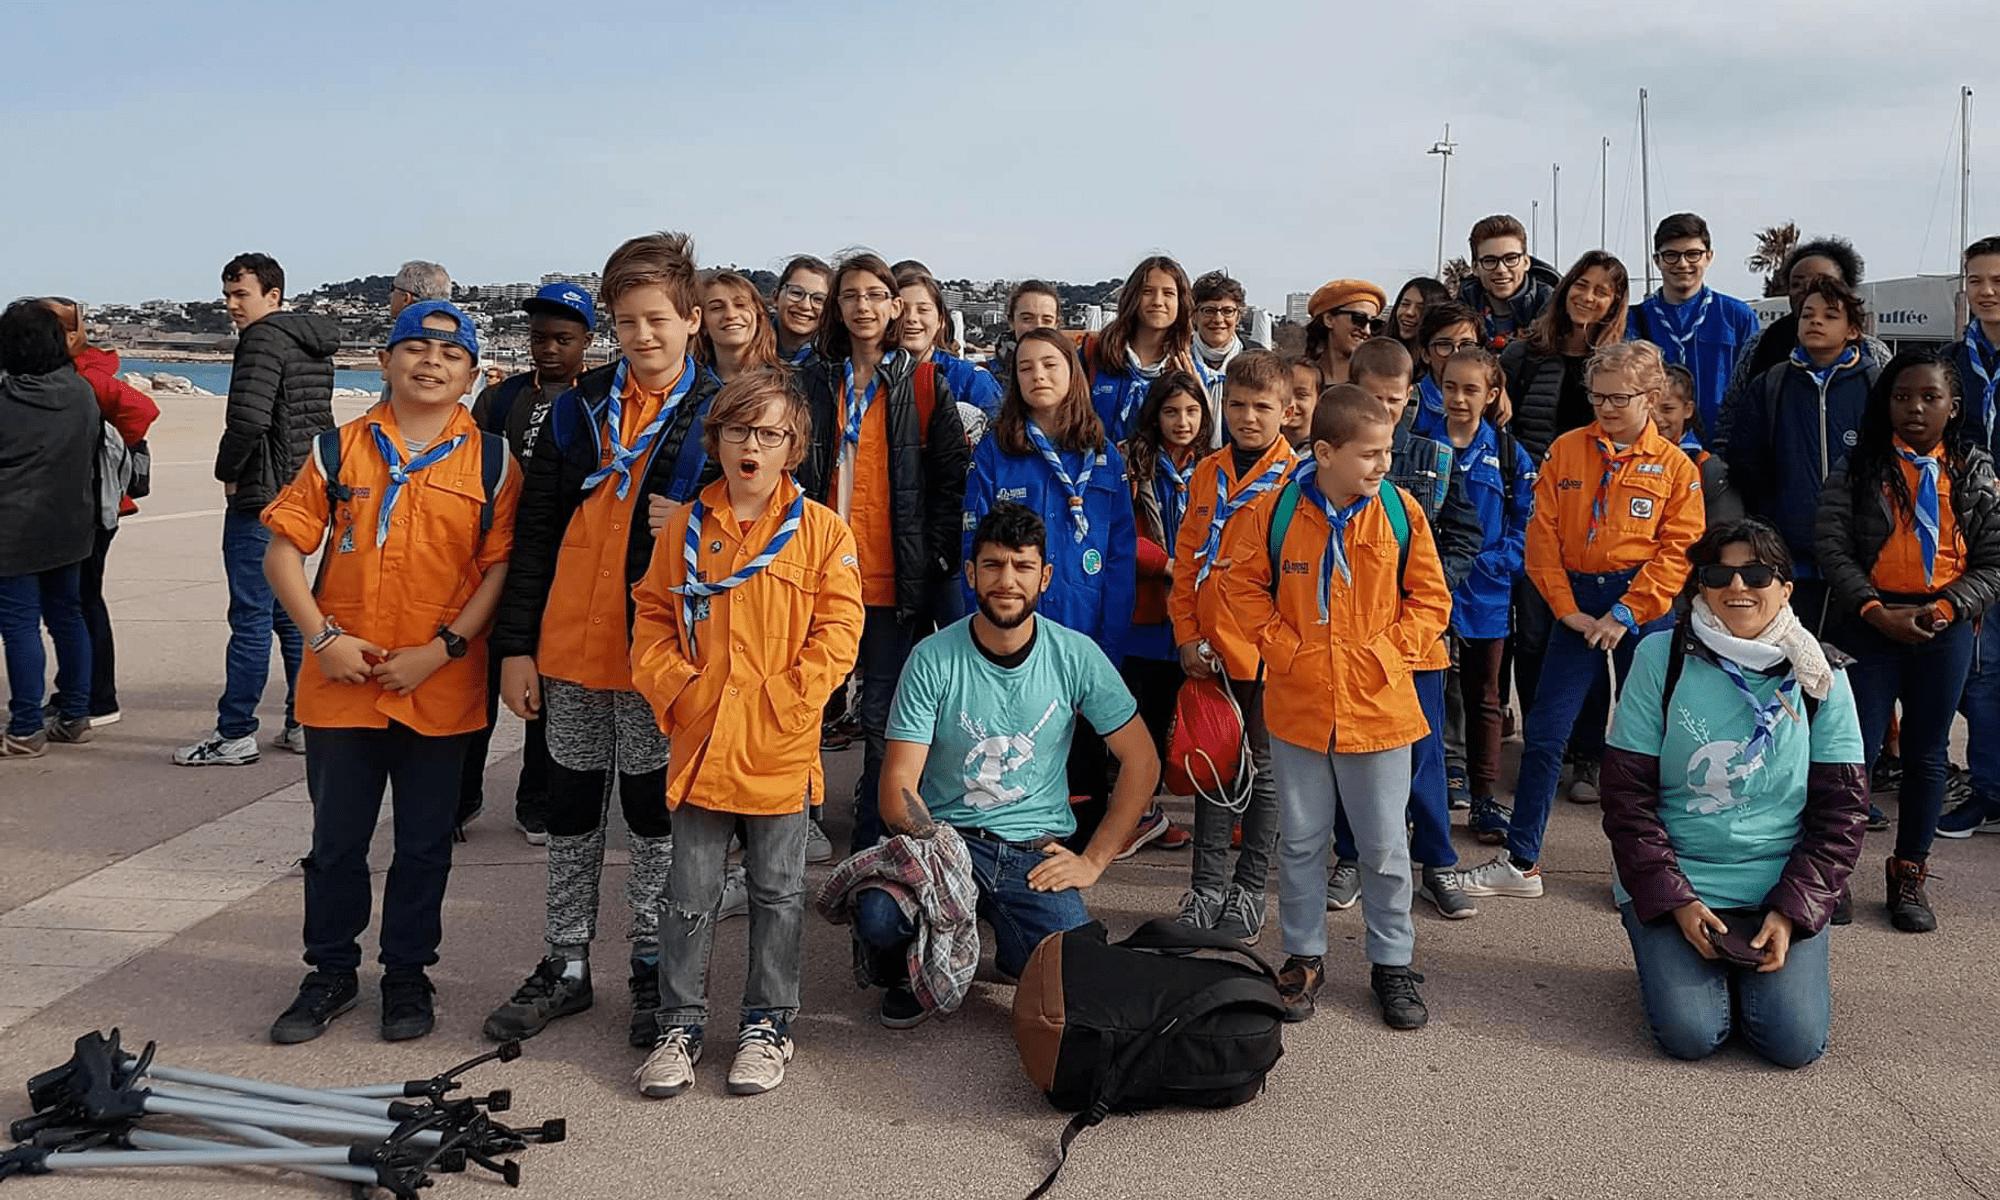 Image principal Nettoyage avec les Scouts (#8)